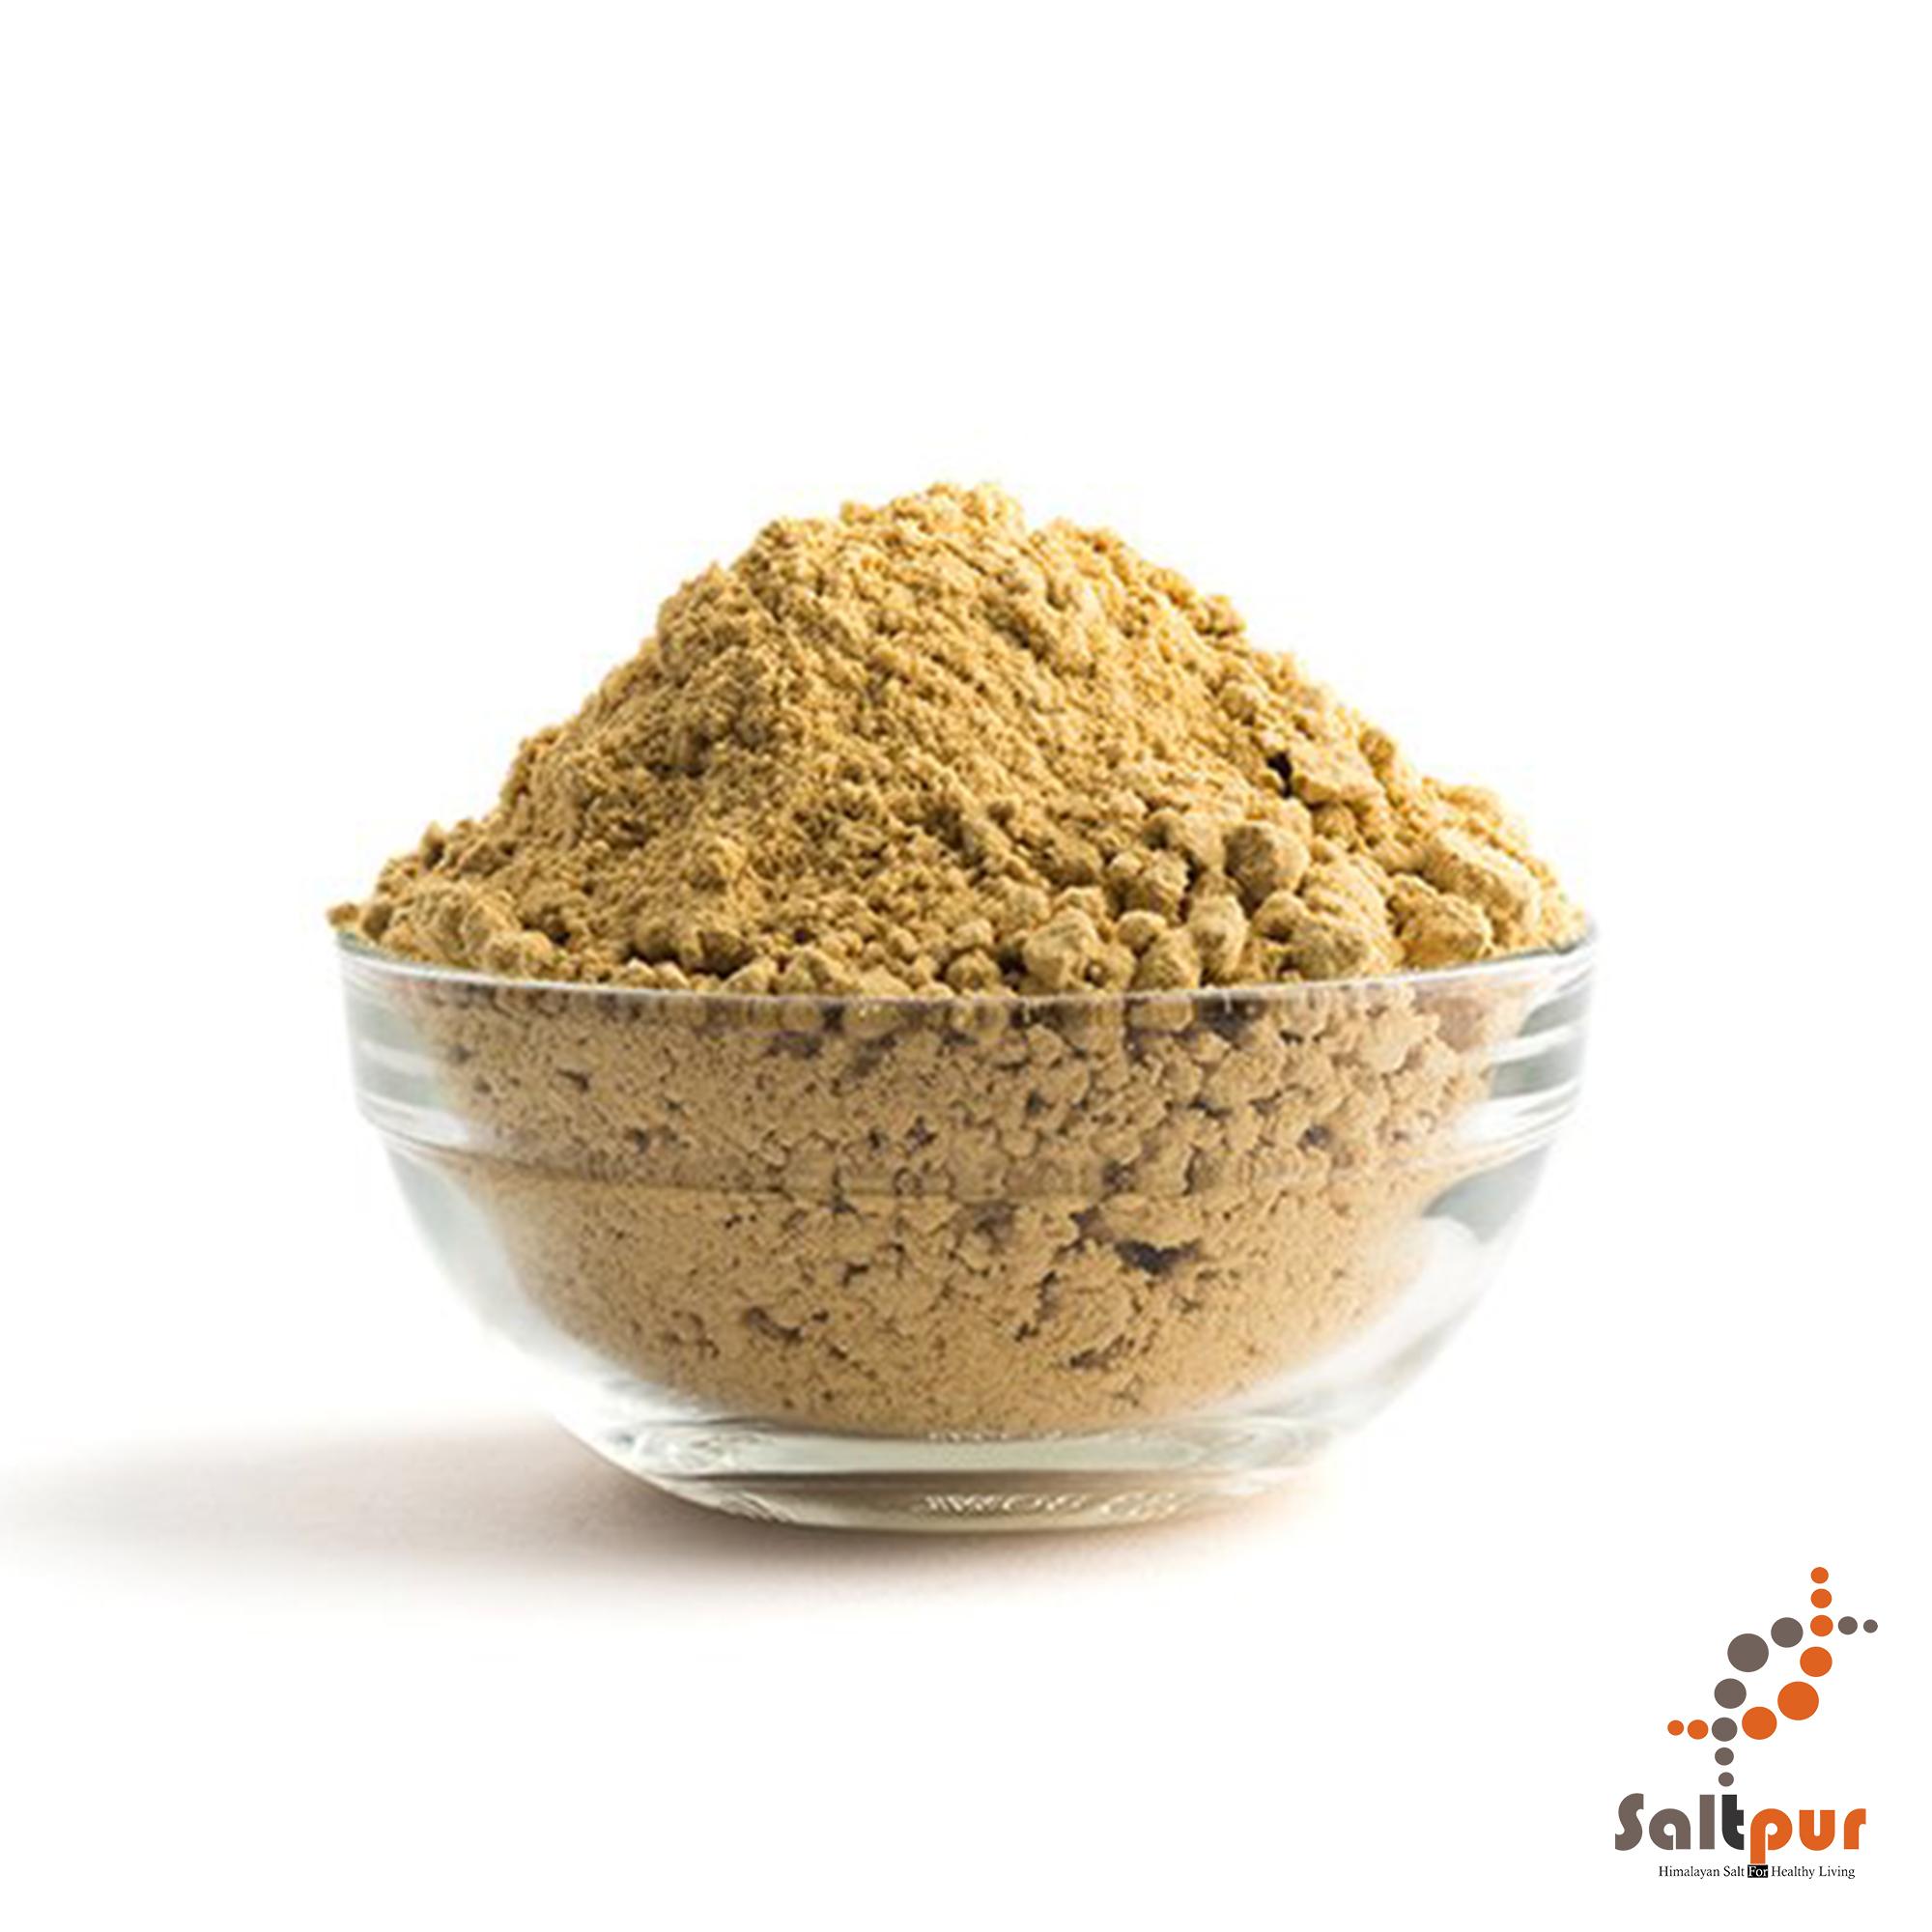 2 9 - Saltpur Himalayan Salts